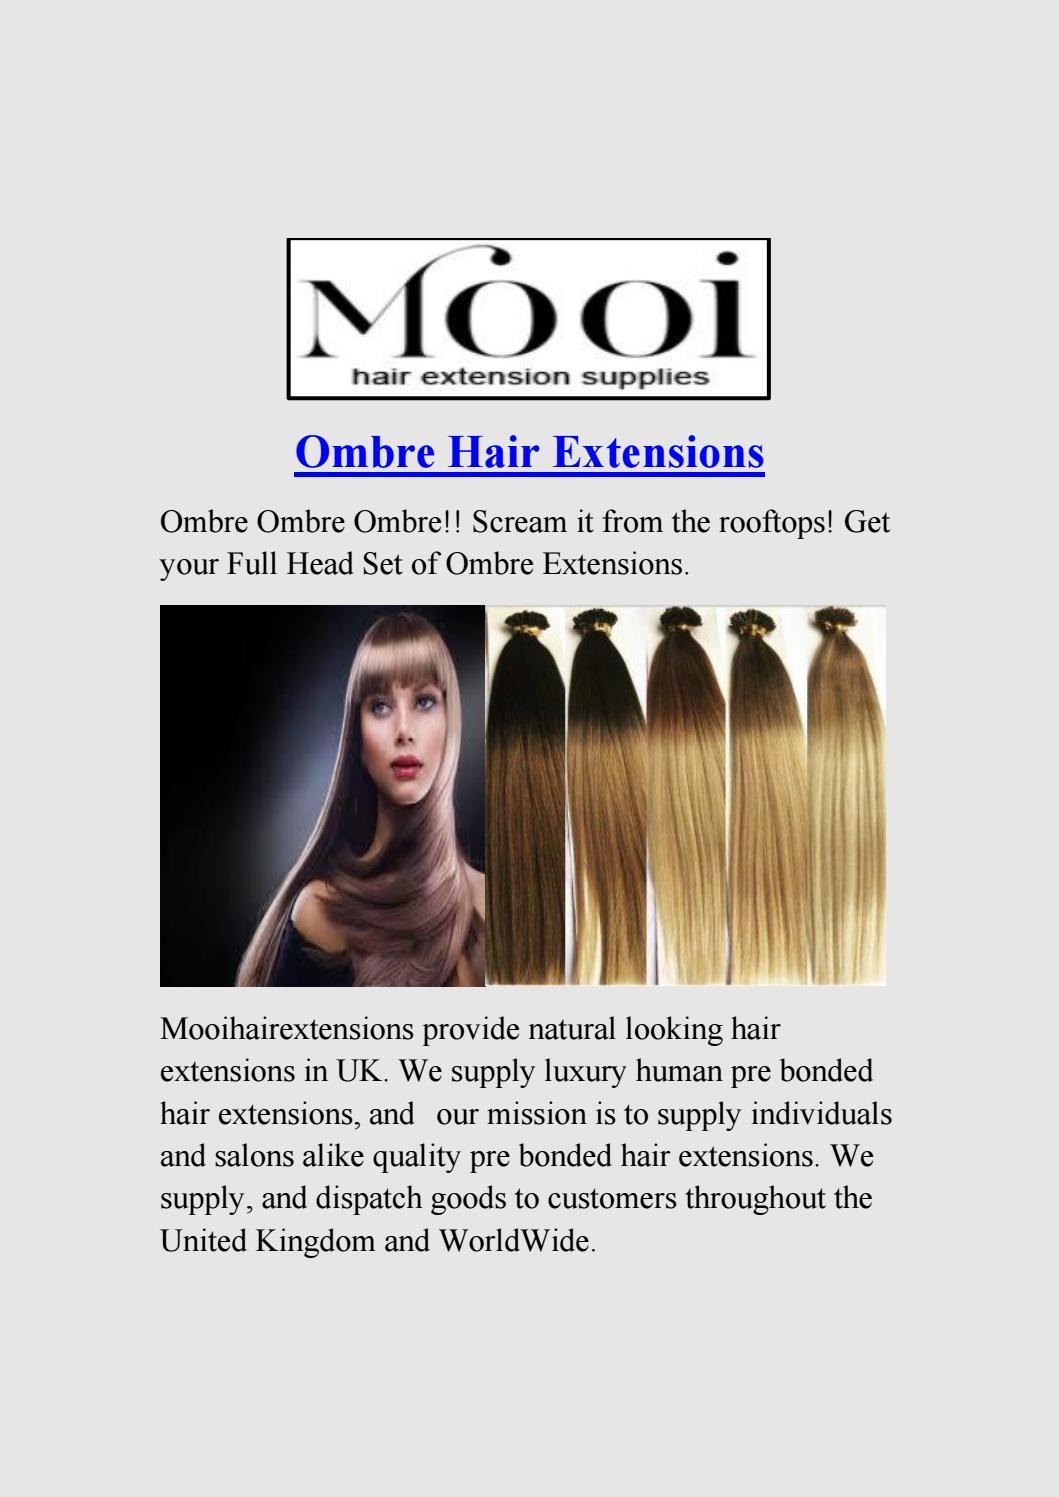 Ombre Hair Extension Mooi Hair Extension Supplies By Mooi Hair